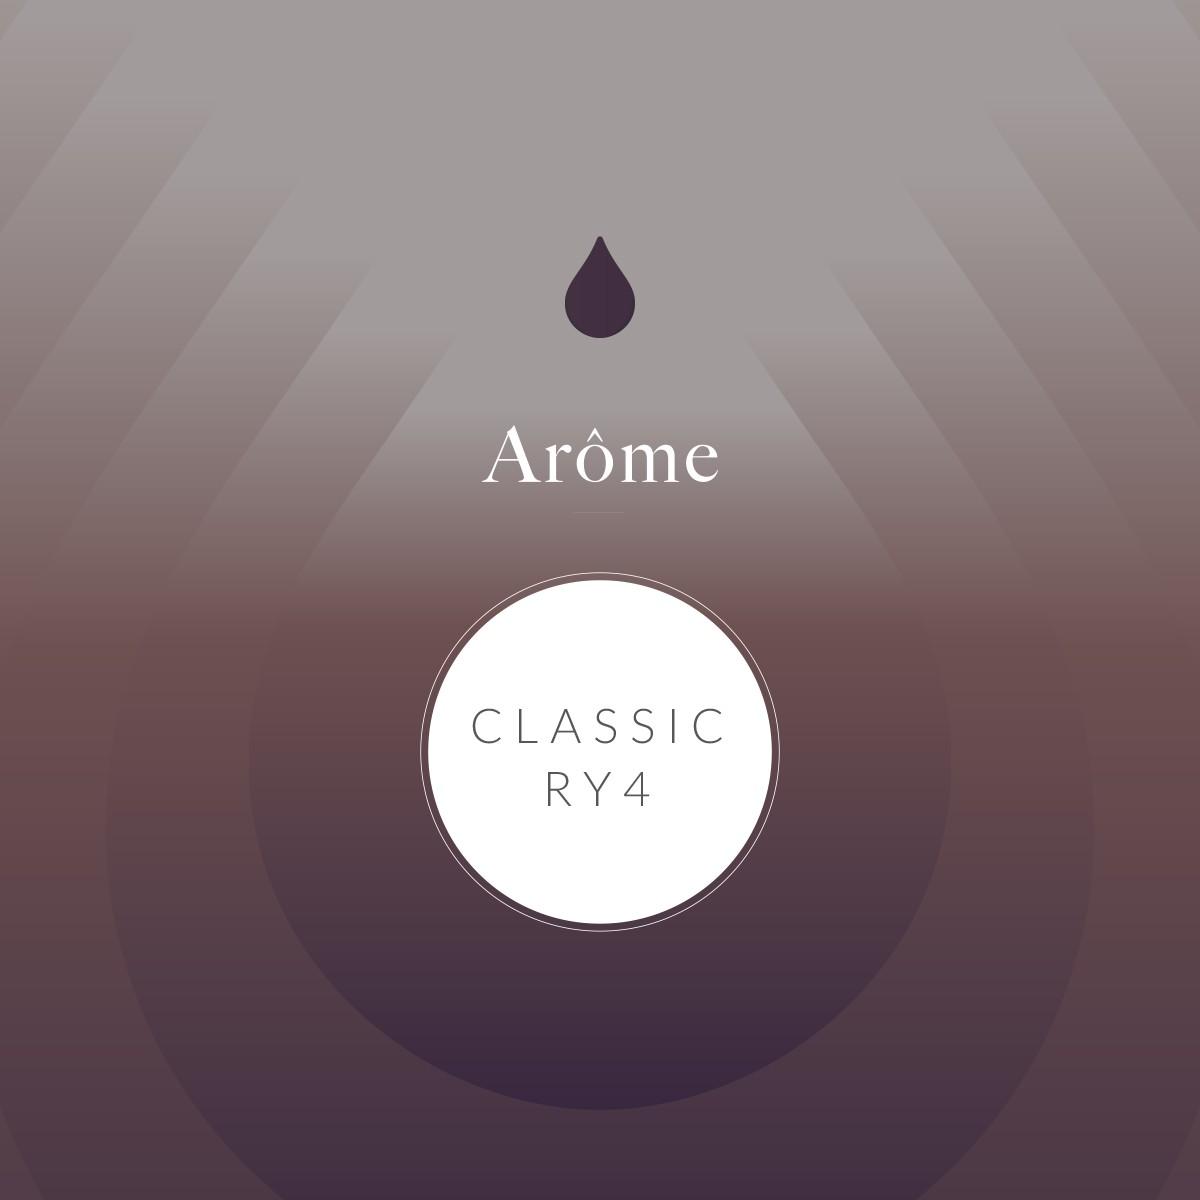 Arôme Classic Ry4